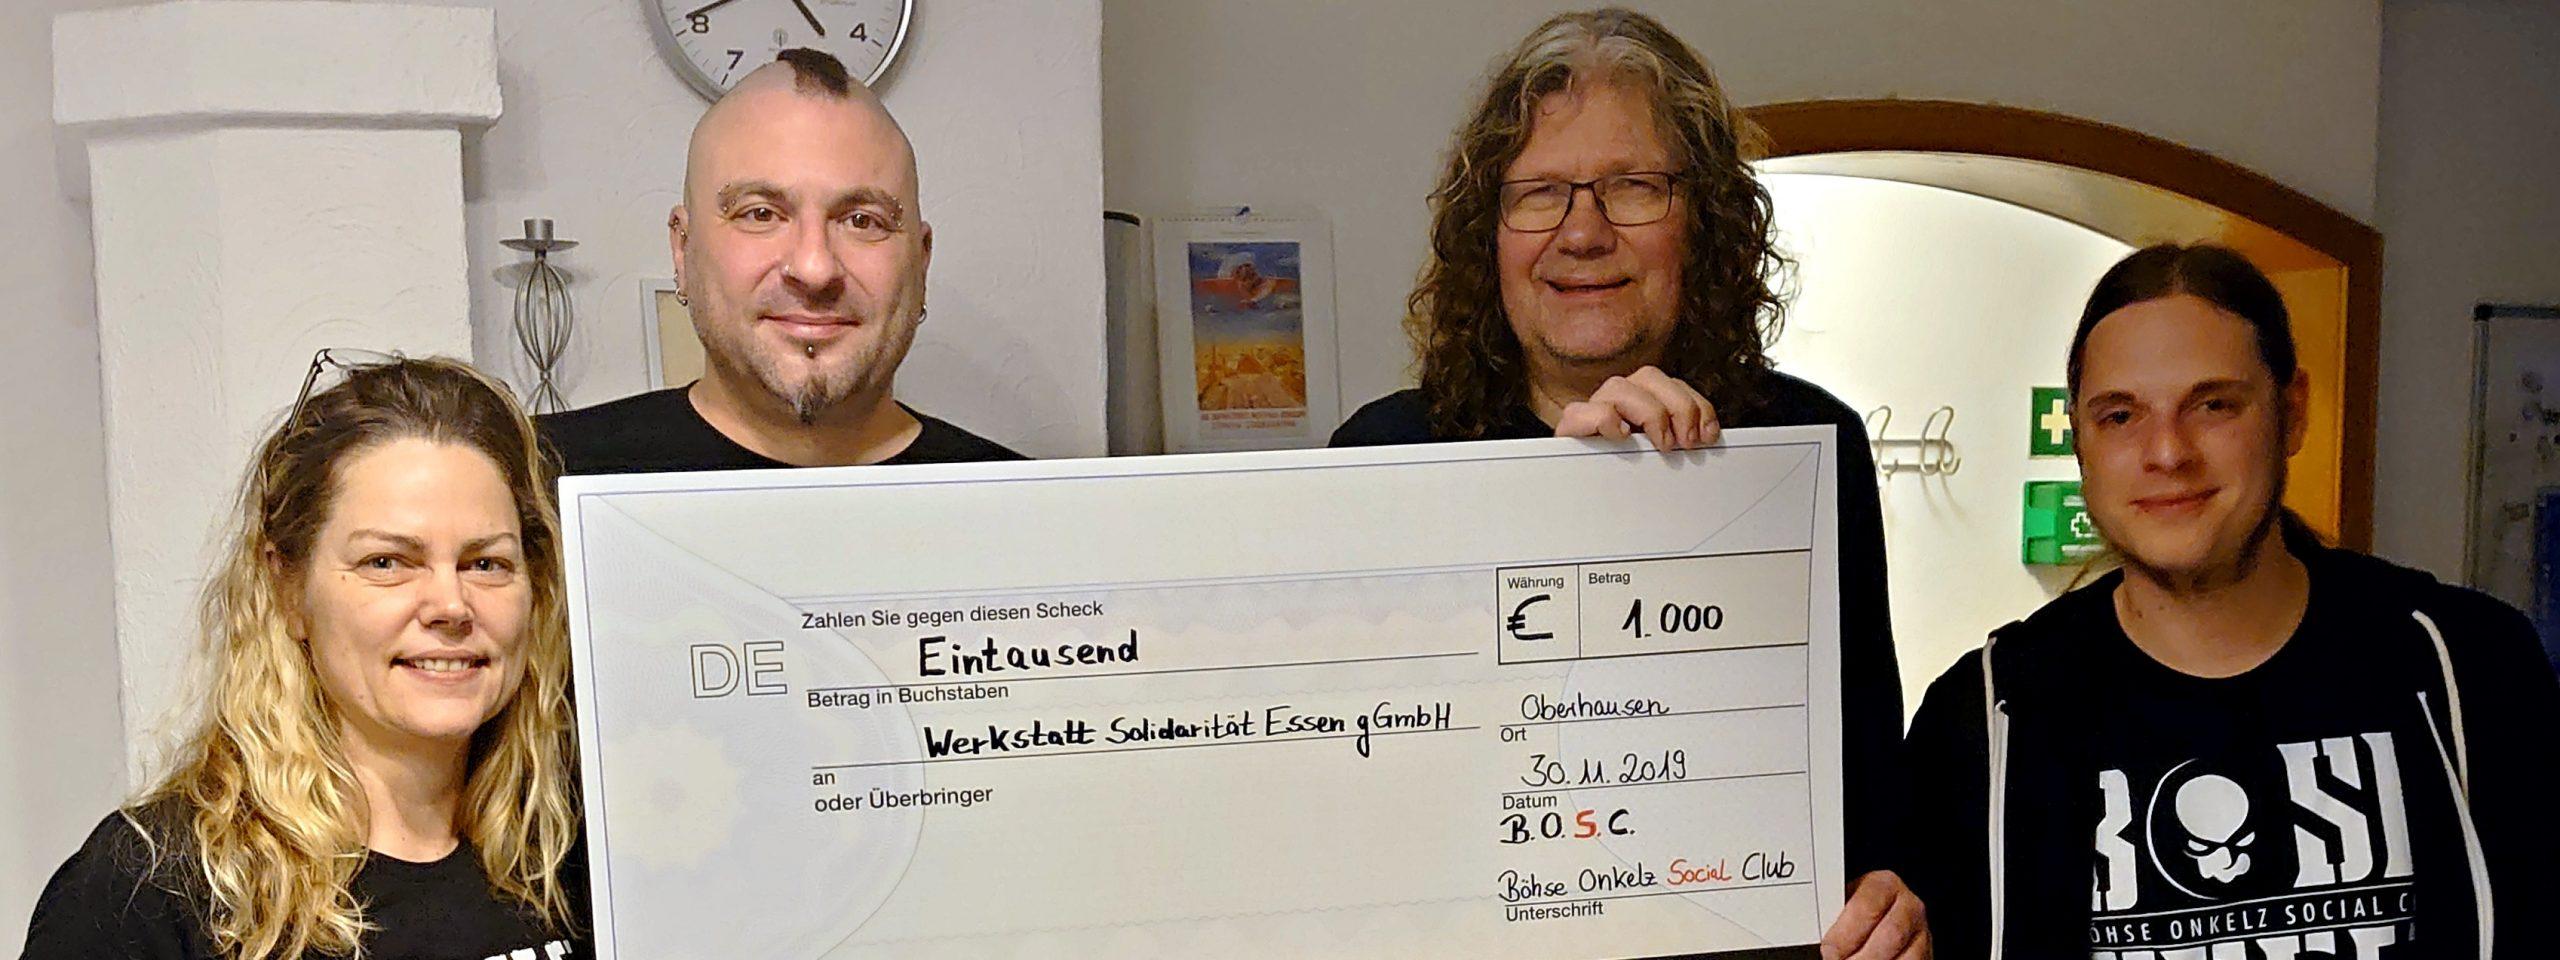 Spende für die Werkstatt Solidarität in Essen